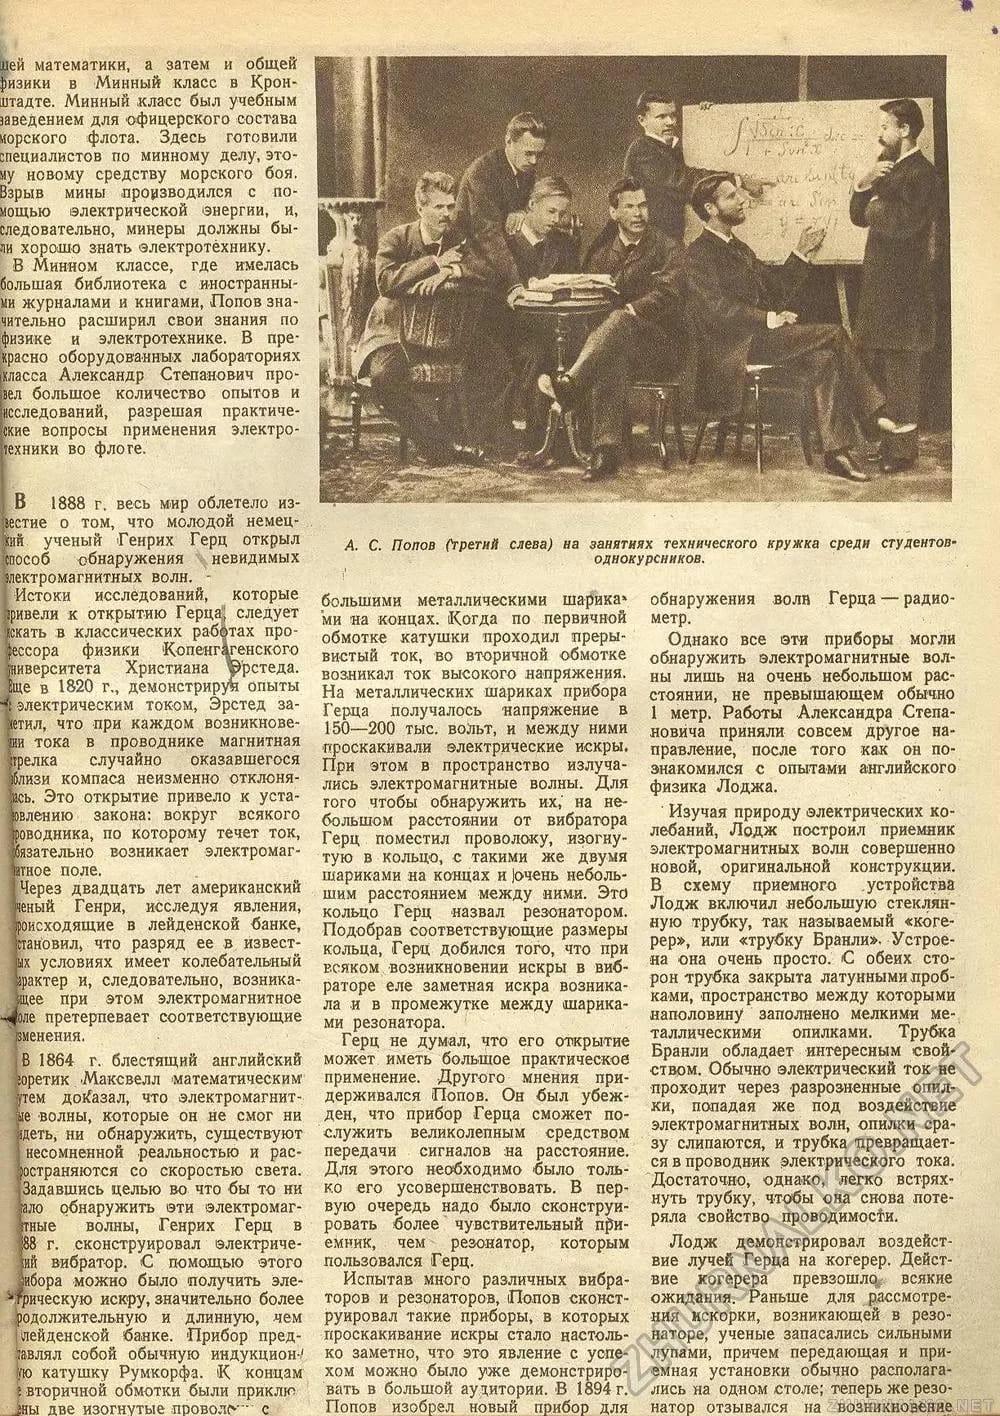 Статья о А.С. Попове в газете «Техника - молодежи» 11.10.1939 г., стр 77